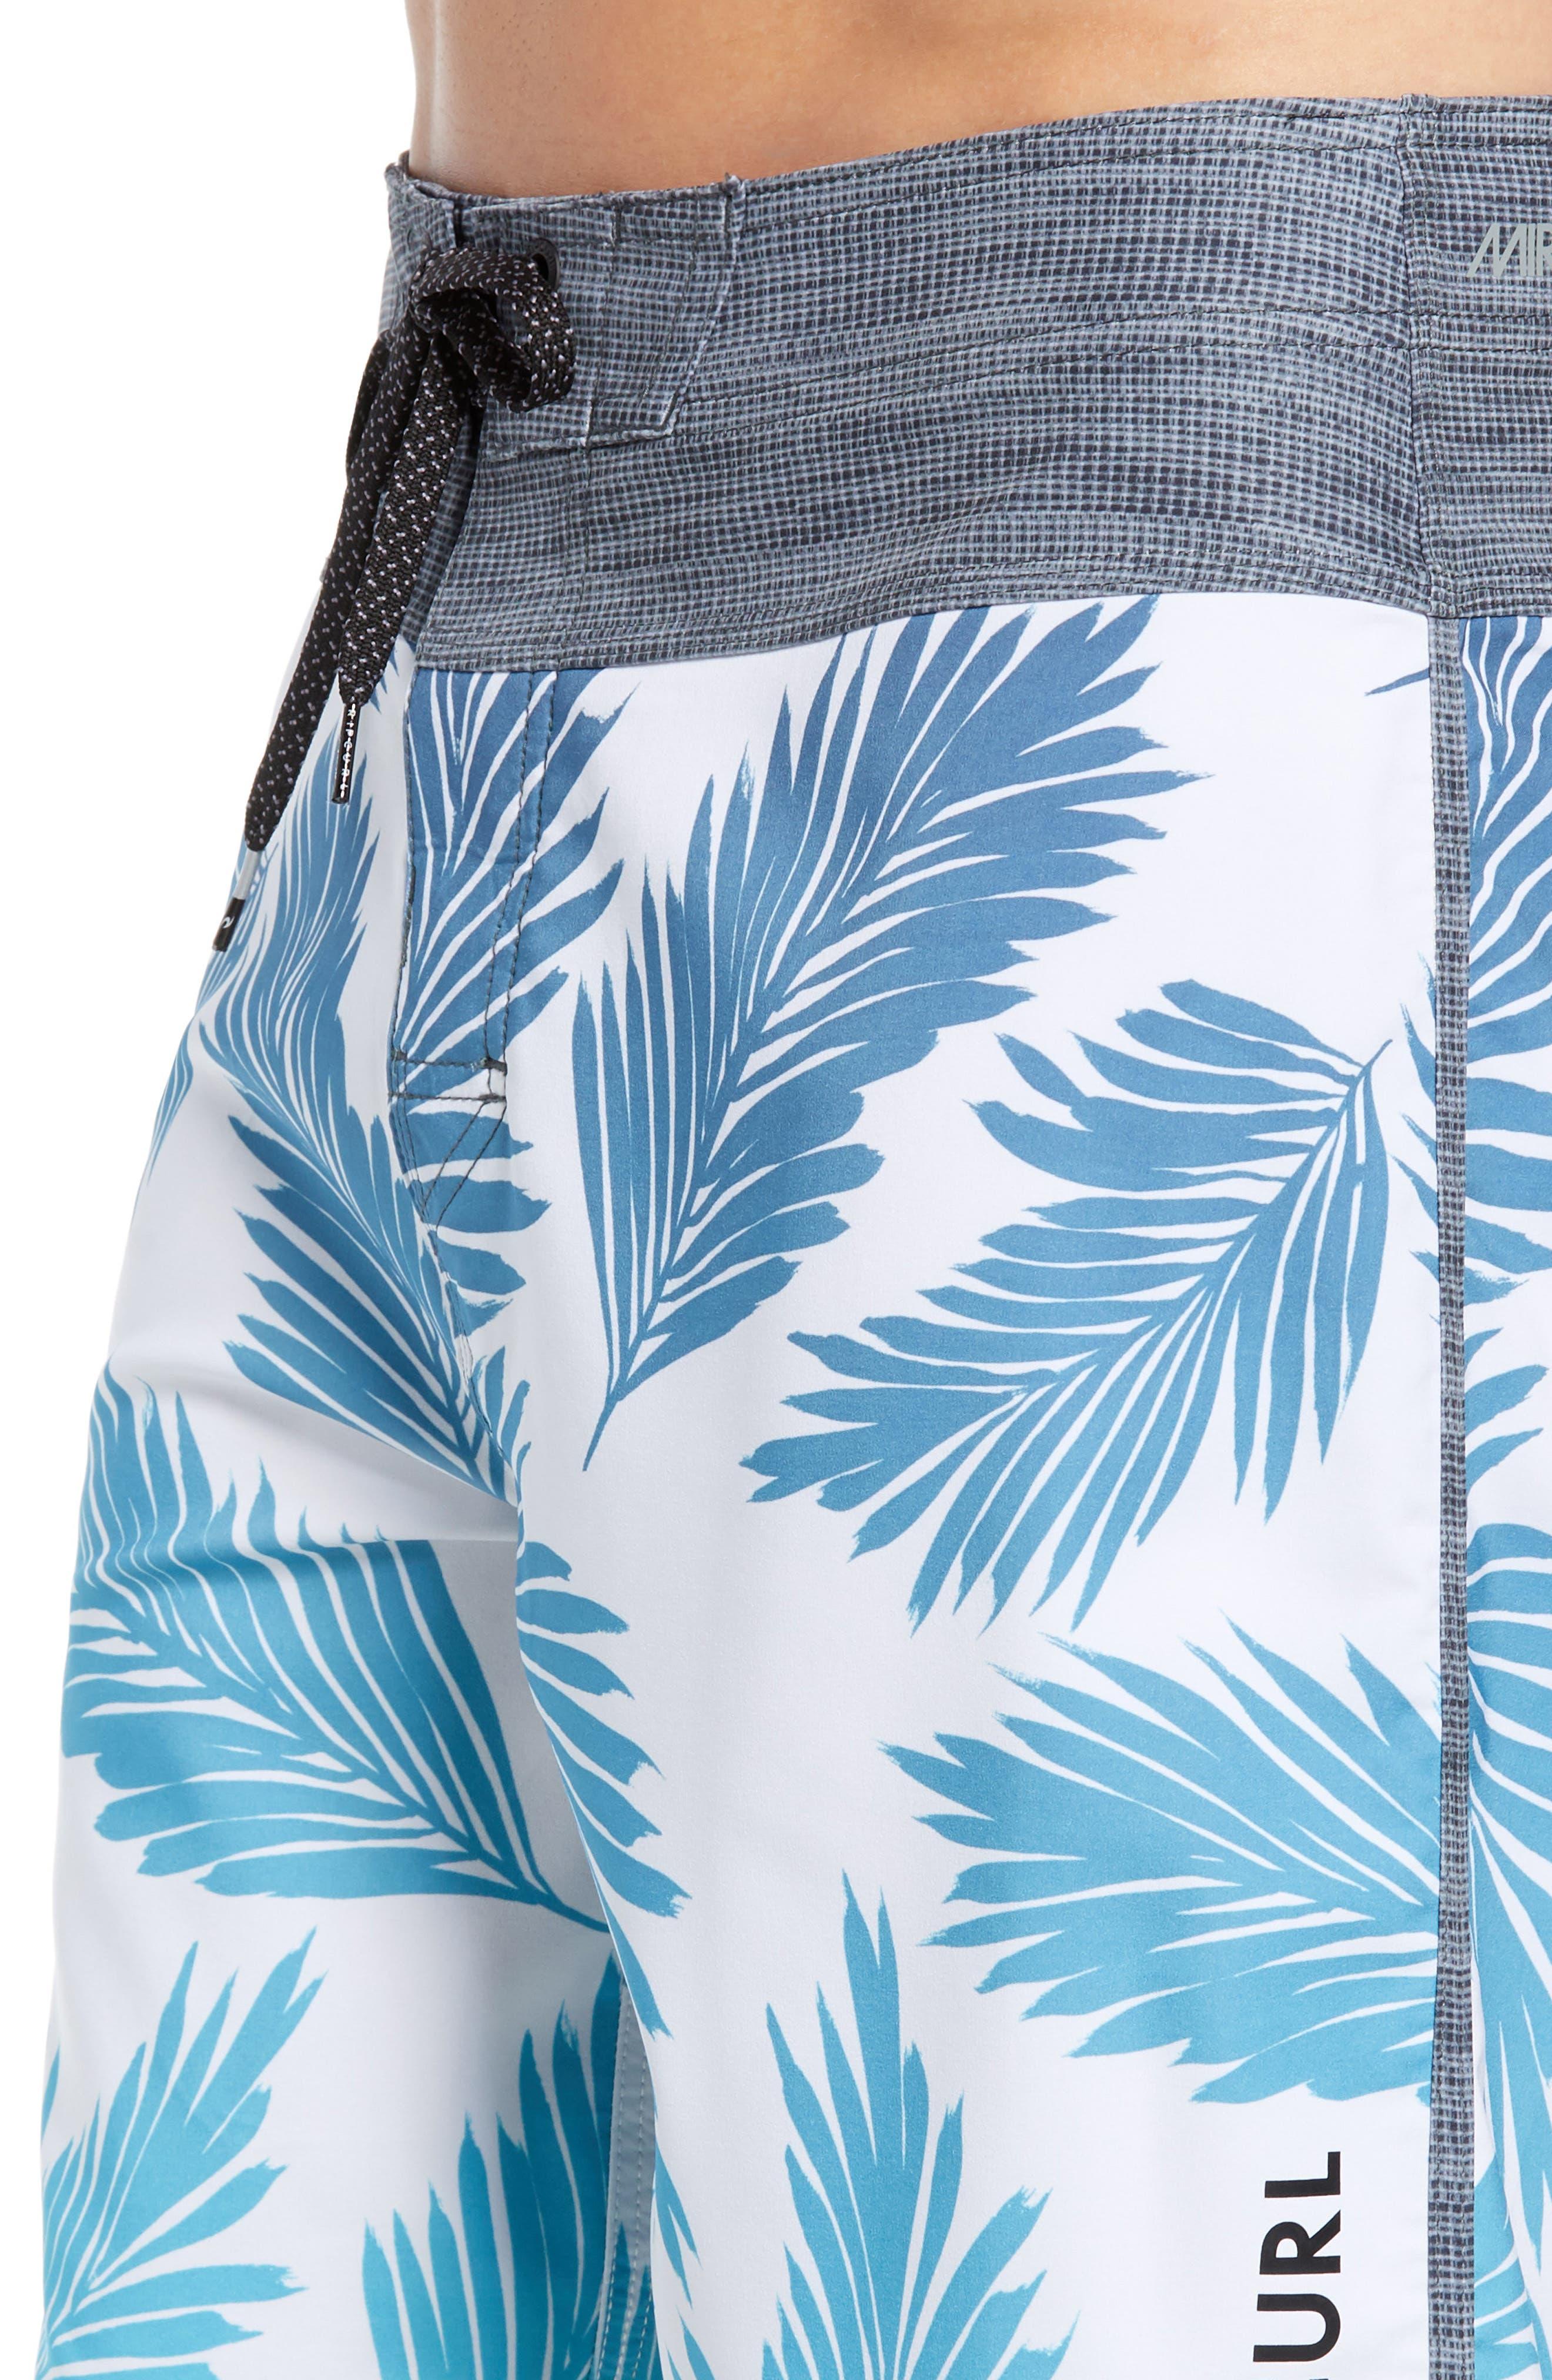 Mirage Mason Rockies Board Shorts,                             Alternate thumbnail 12, color,